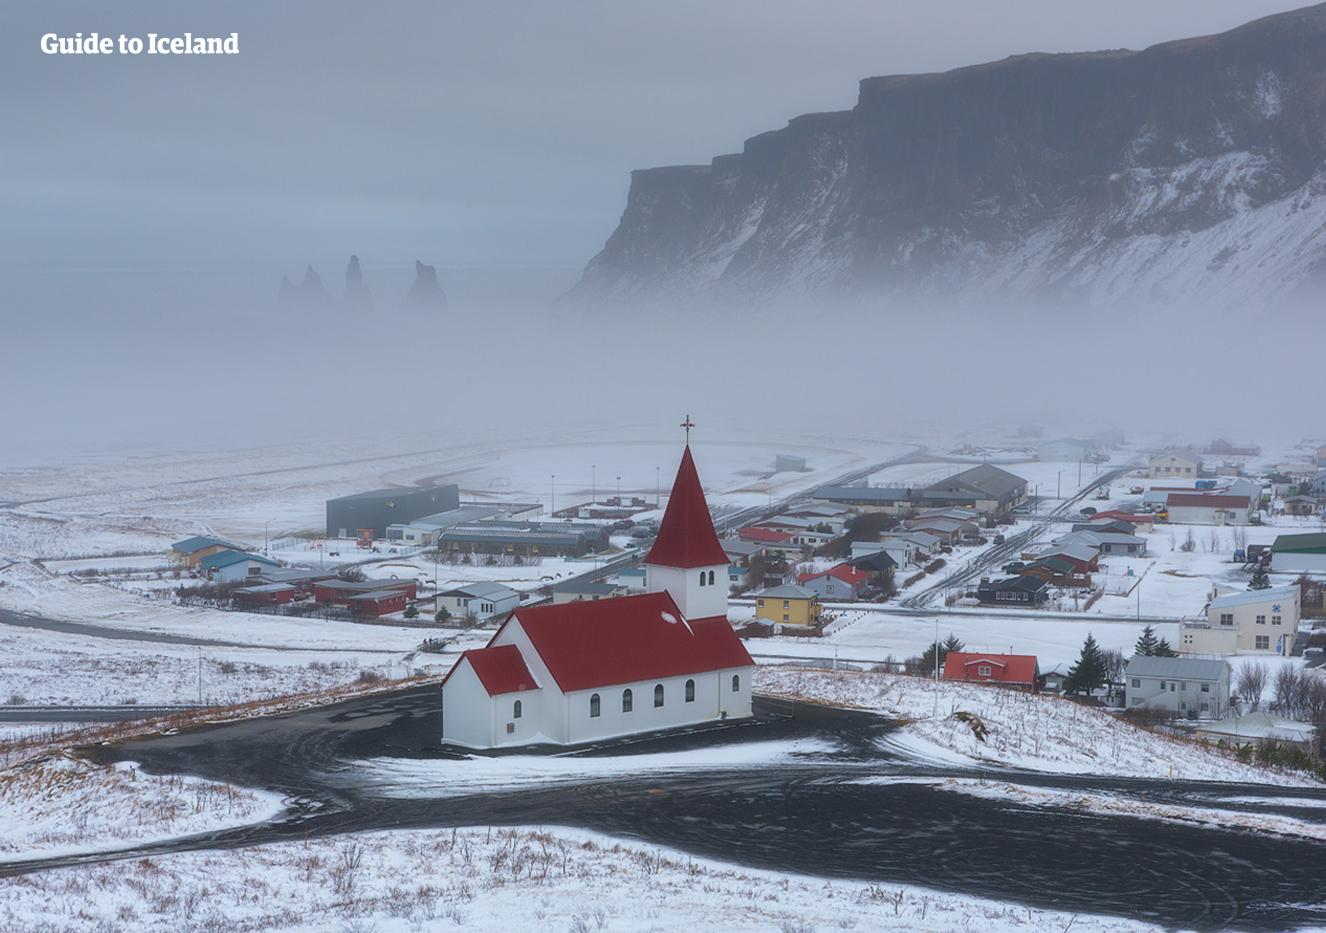 那个小巧可爱的维克镇在冬天时的模样。